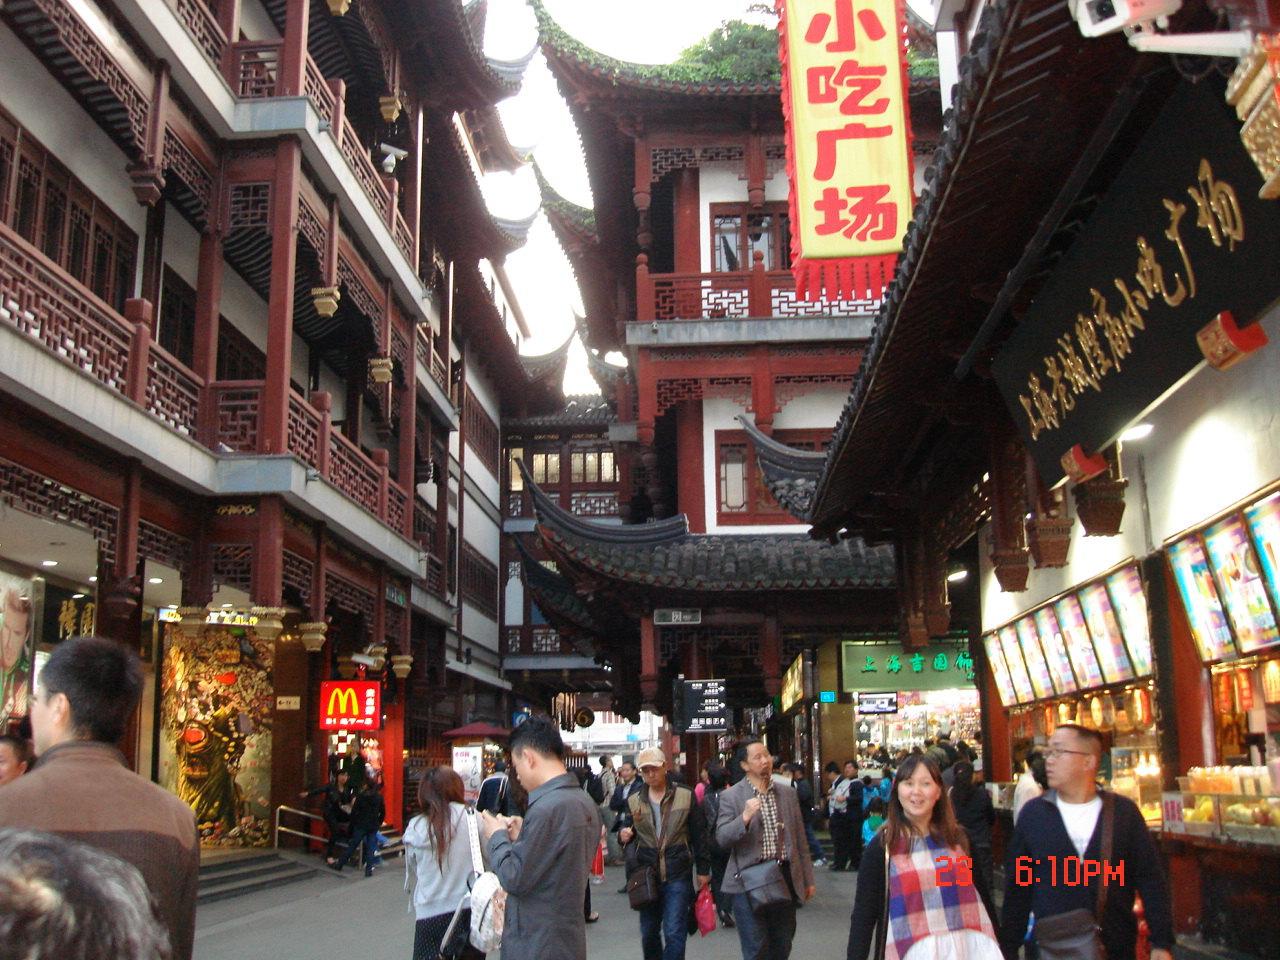 上海的城隍庙是一个让人久久难以走开的地方,特别是晚上的时候,所有的灯光一打开,让古色古香的阁楼瞬间变得炫彩。特别是临近过年的时候去哪里,你会感觉年味特别的浓厚。各种不同的特色小店,各种不同的小吃,在这里听朋友说了一定要品尝南翔的包子,很好奇的排队排了很久,最后20多块钱买了一笼包子,口味感觉还行,没有西安回民街的贾三灌汤包子的皮薄。这里还有老字号的宁波汤圆,看人家工作人员把汤圆做的非常圆。如果时间还早的话,大家可以到豫园里面去瞧一瞧,也非常的不错。交通:城隍庙距离外滩不远,所以在这里乘坐公交或者地铁都很方